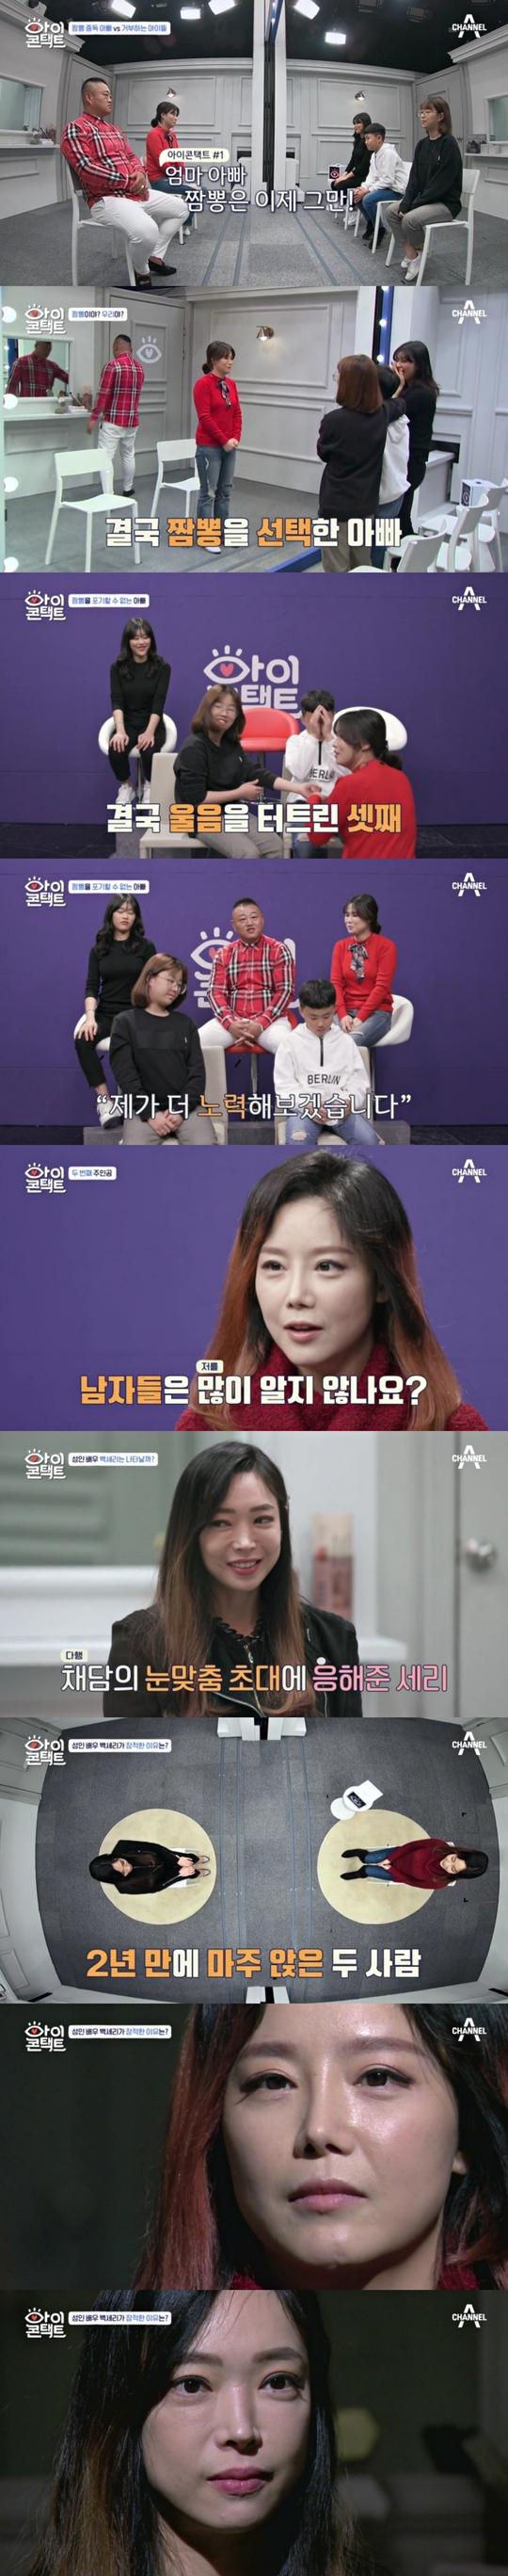 """'아이콘택트' 성인배우 이채담 """"자식에게도 당당"""" vs 백세리 """"악플 힘들어"""""""